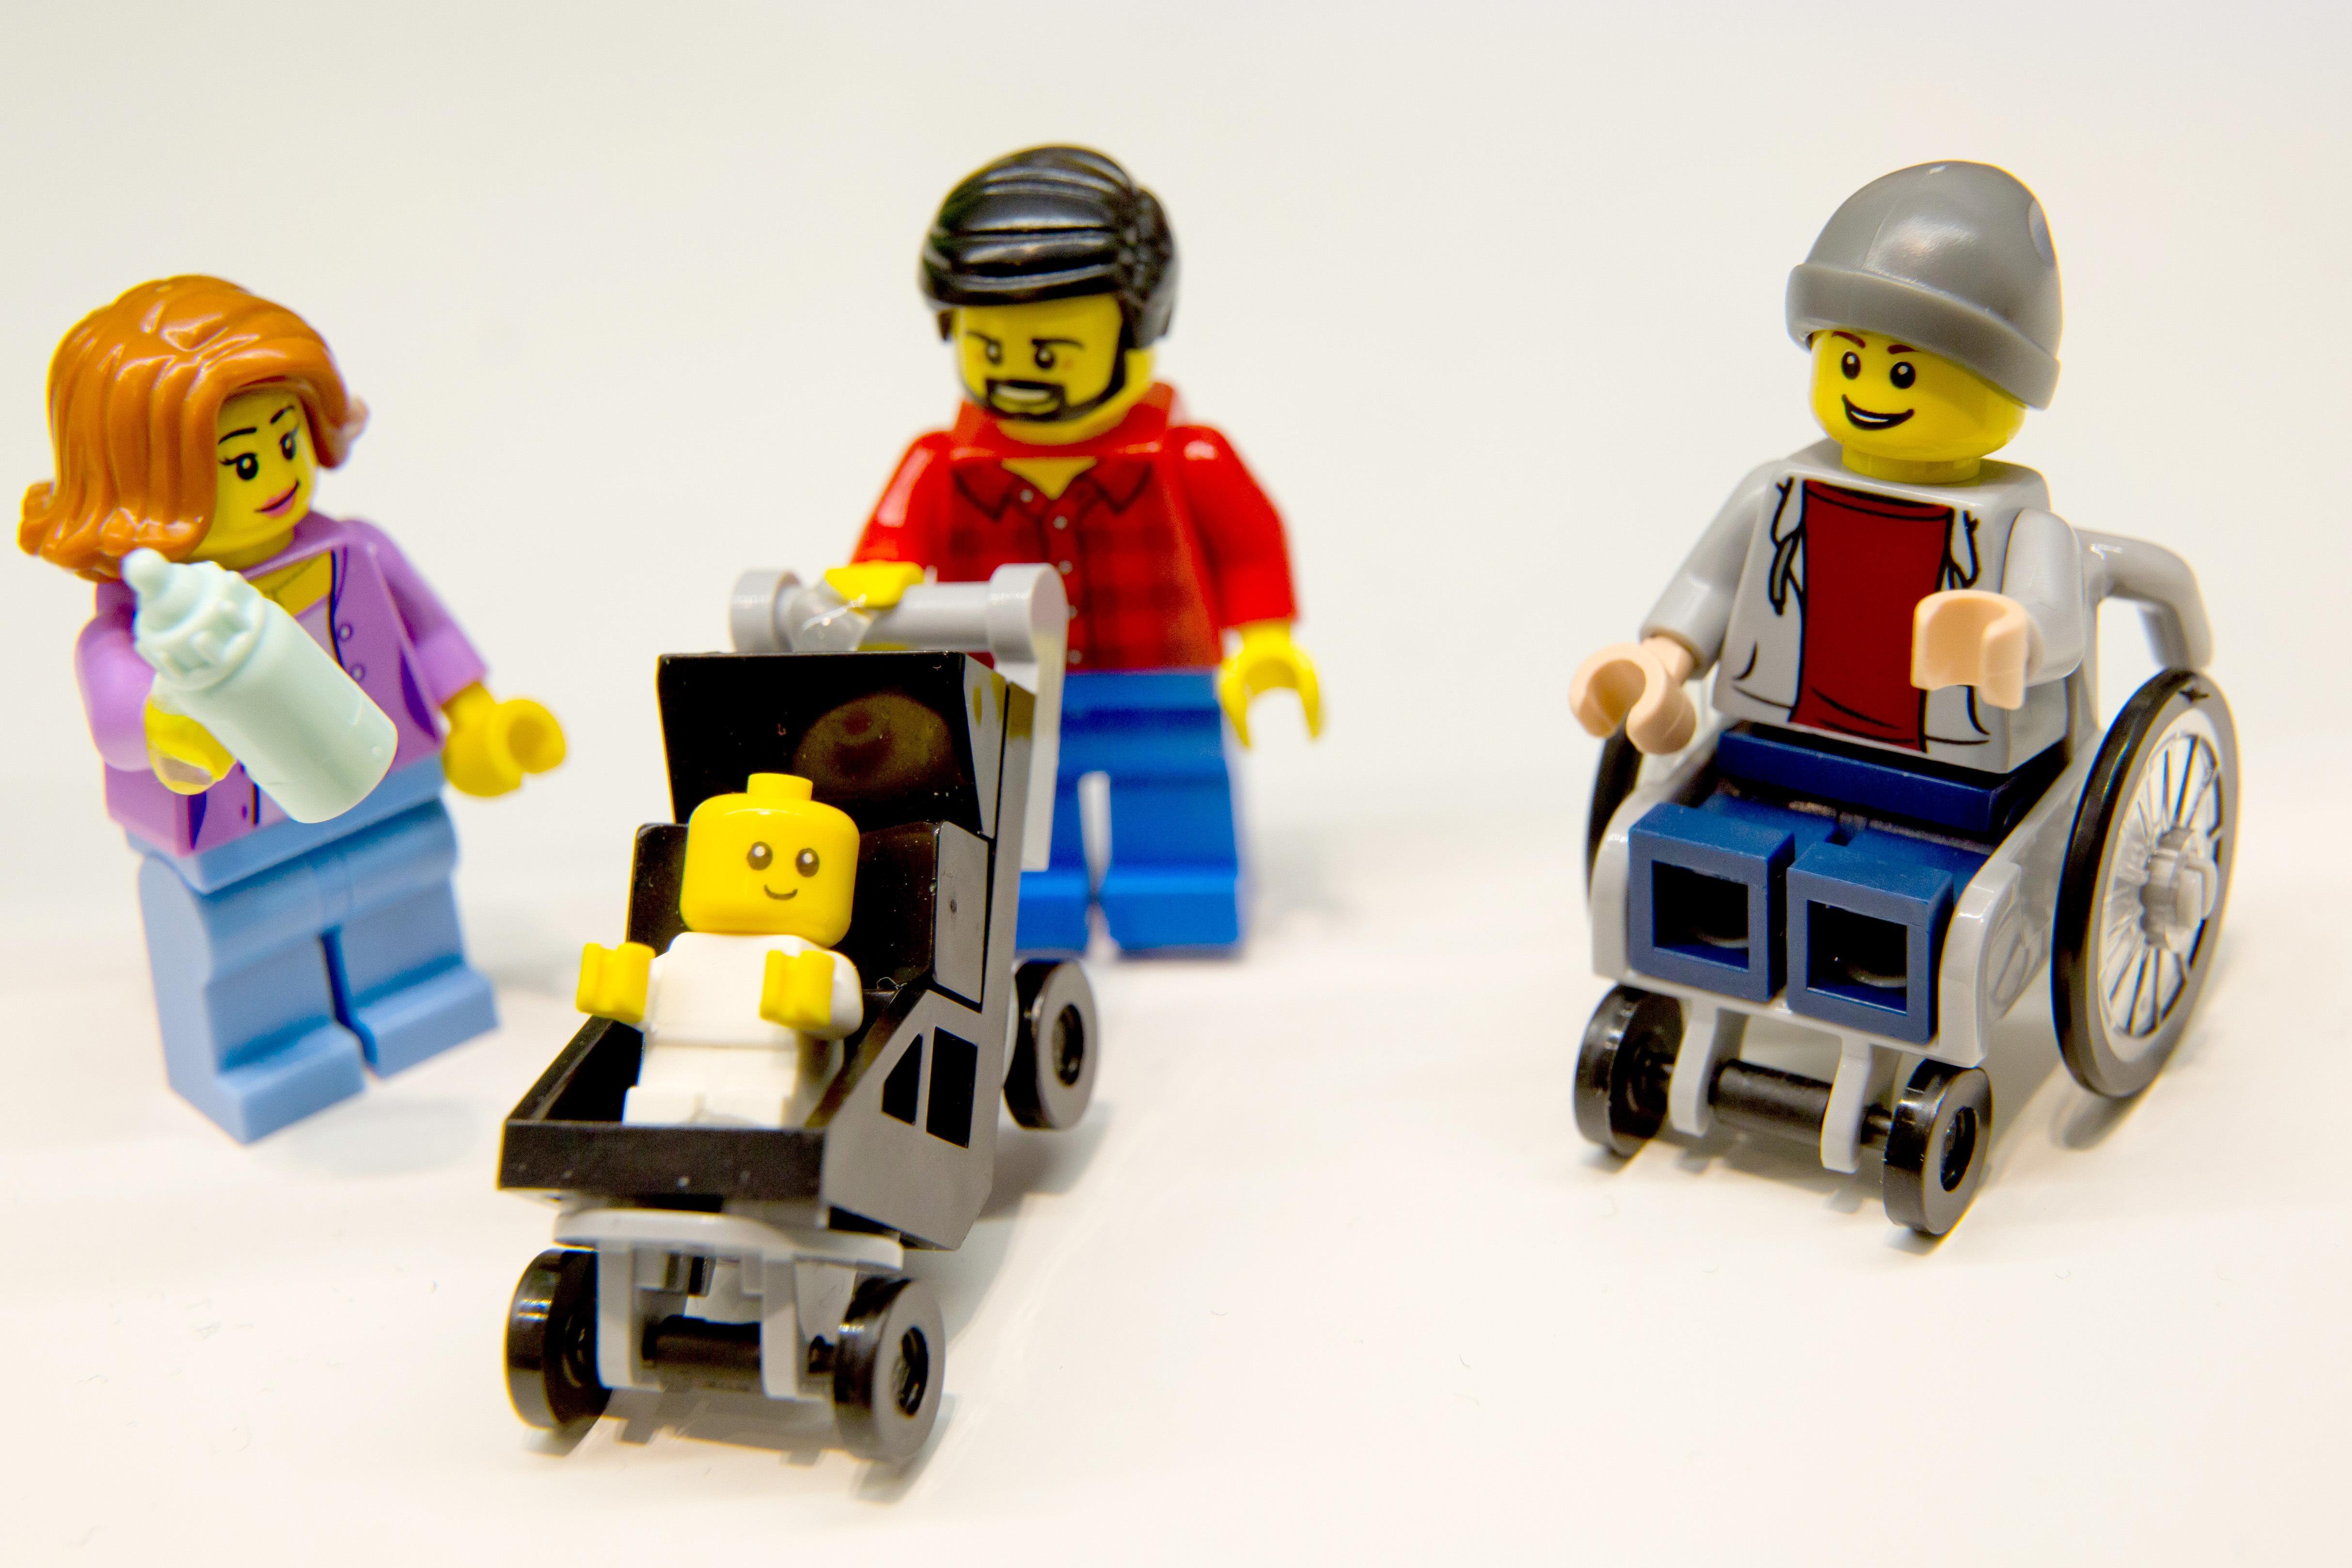 Az új LEGO City-ben a legmenőbb a gyesen lévő apuka figurája